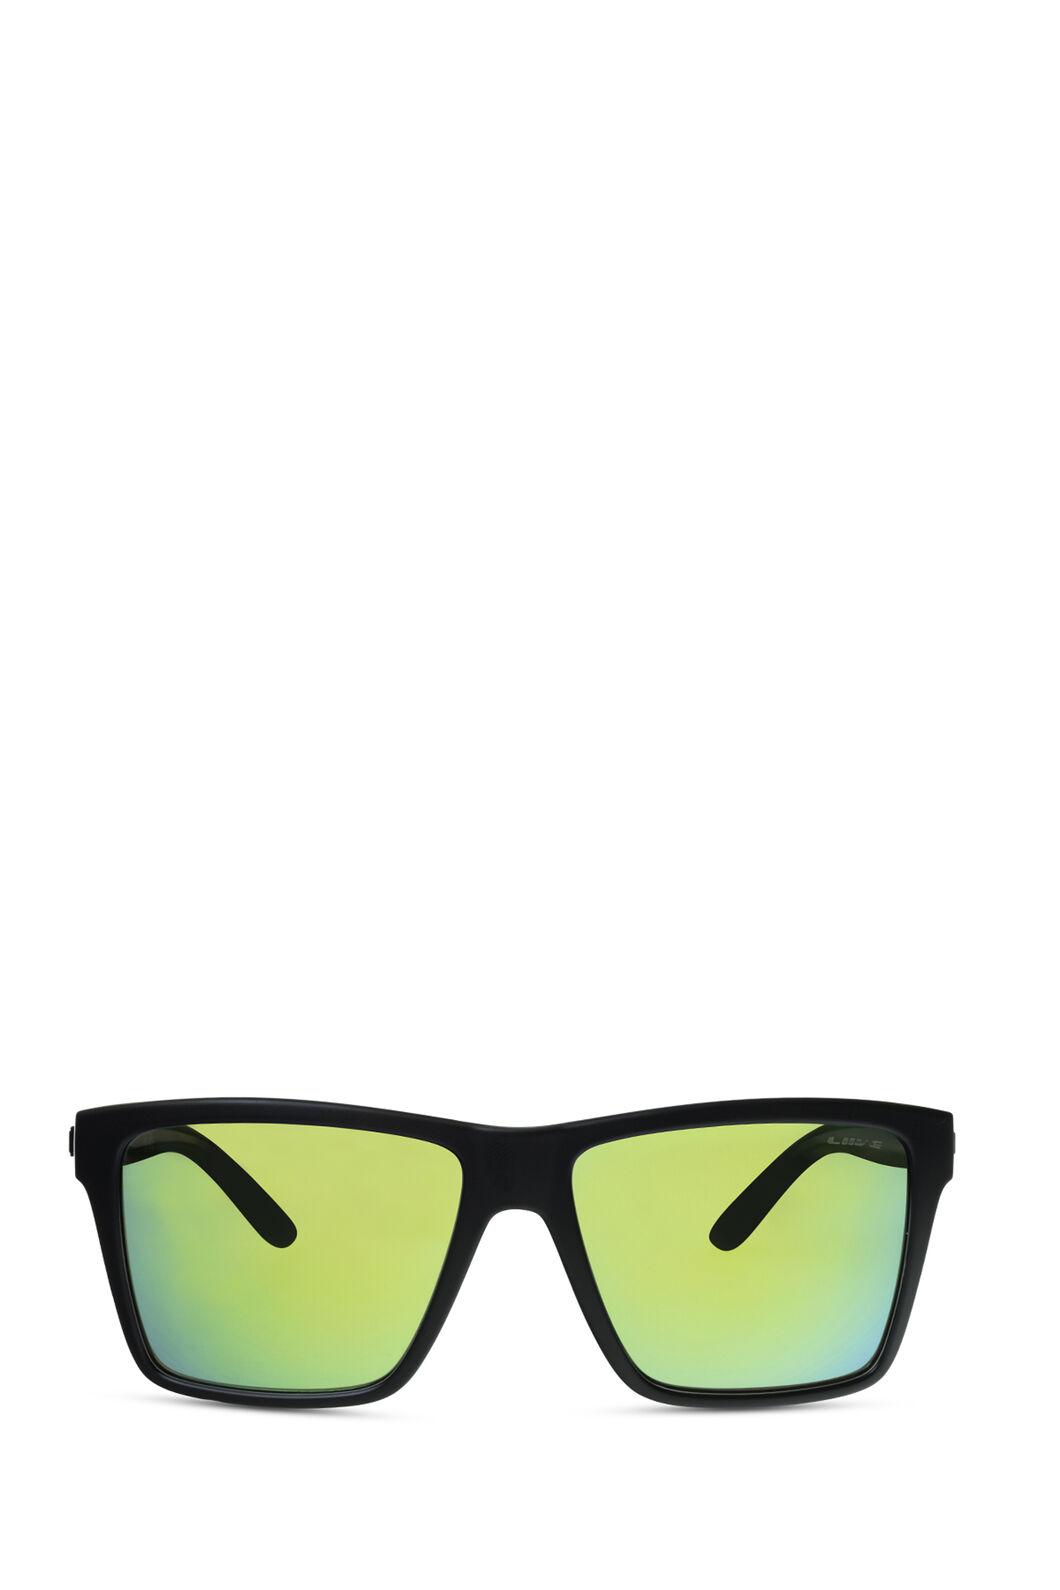 Liive Vision Bazza Mirror Sunglasses, Matt Black Xtal Black, hi-res